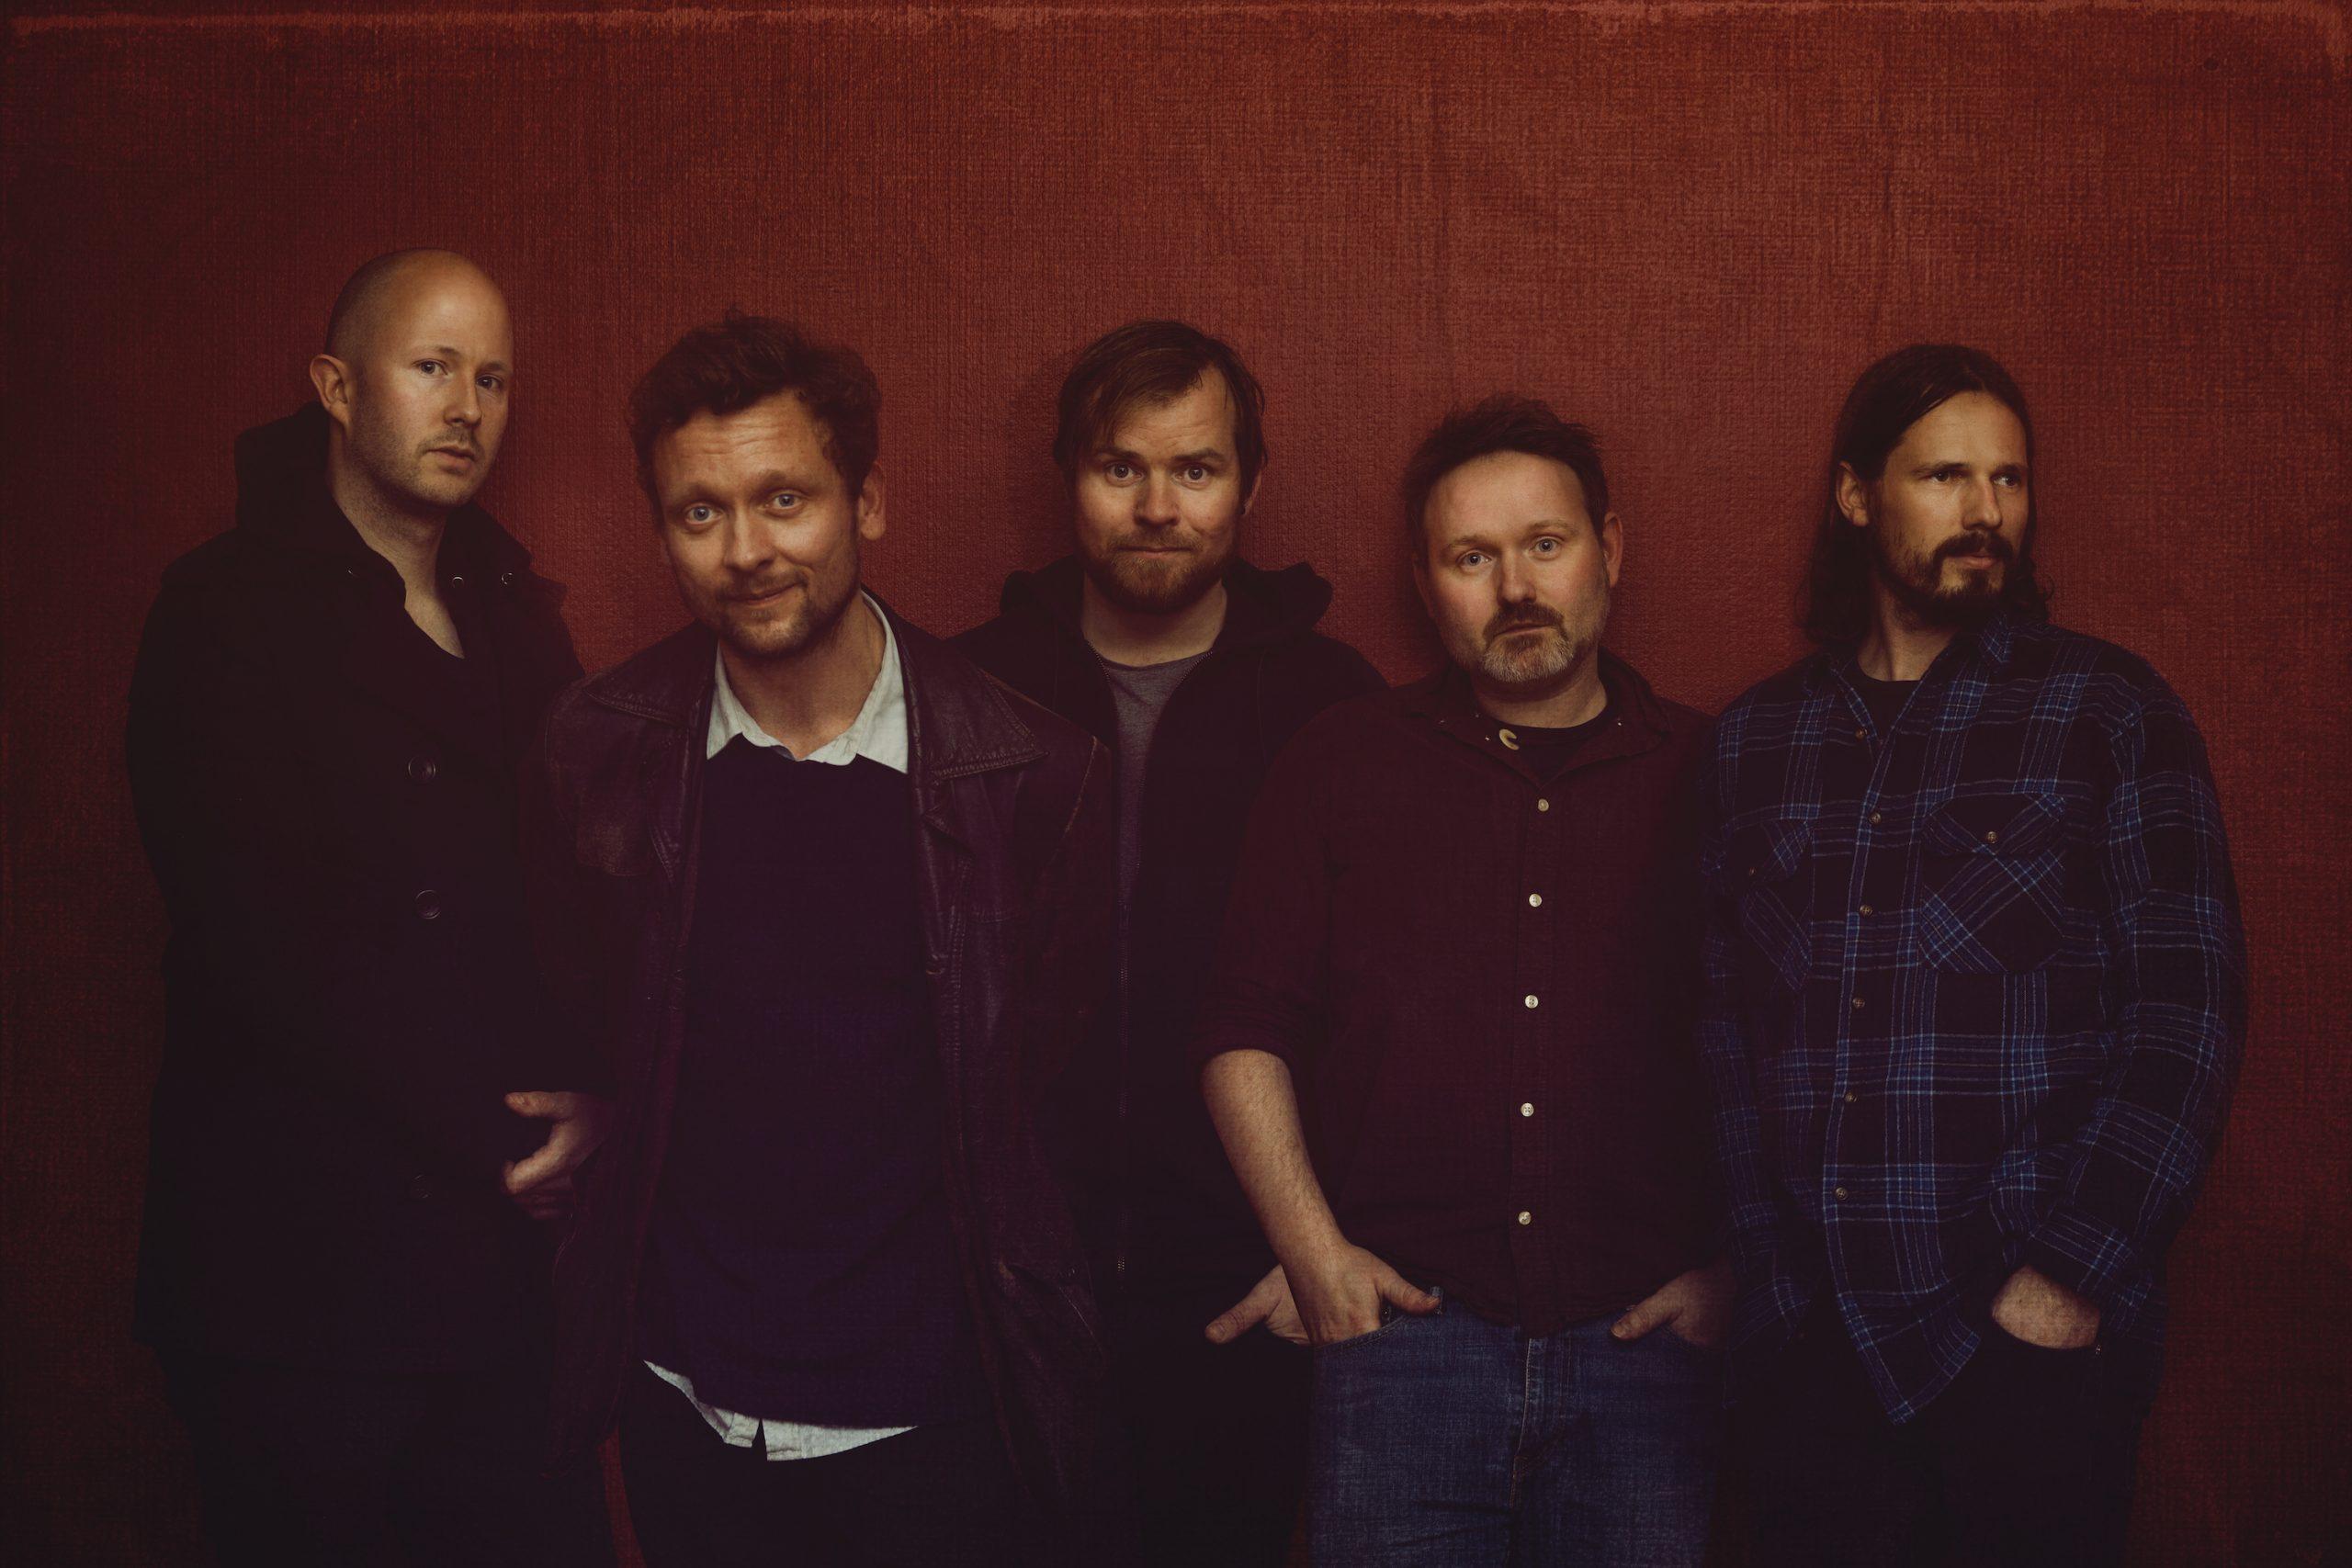 """Deerborn aus Dänemark möchten mit ihrer neuen Single """"Figured Out"""" das Interesse für das zweite Album im August wecken"""